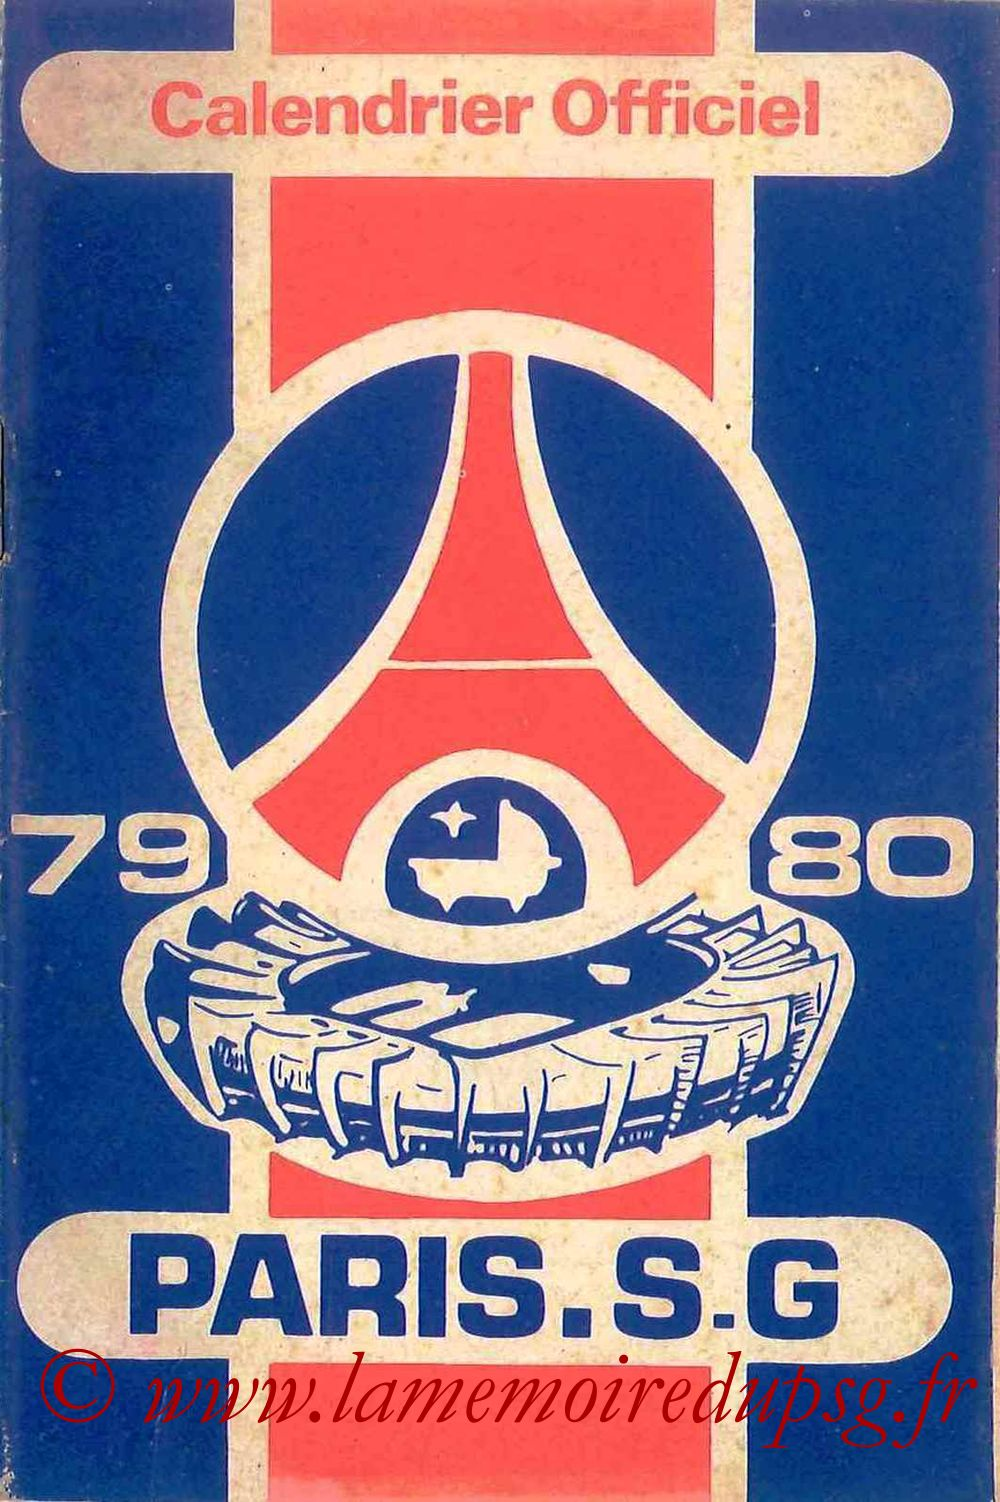 1979-80 - Guide de la Saison PSG